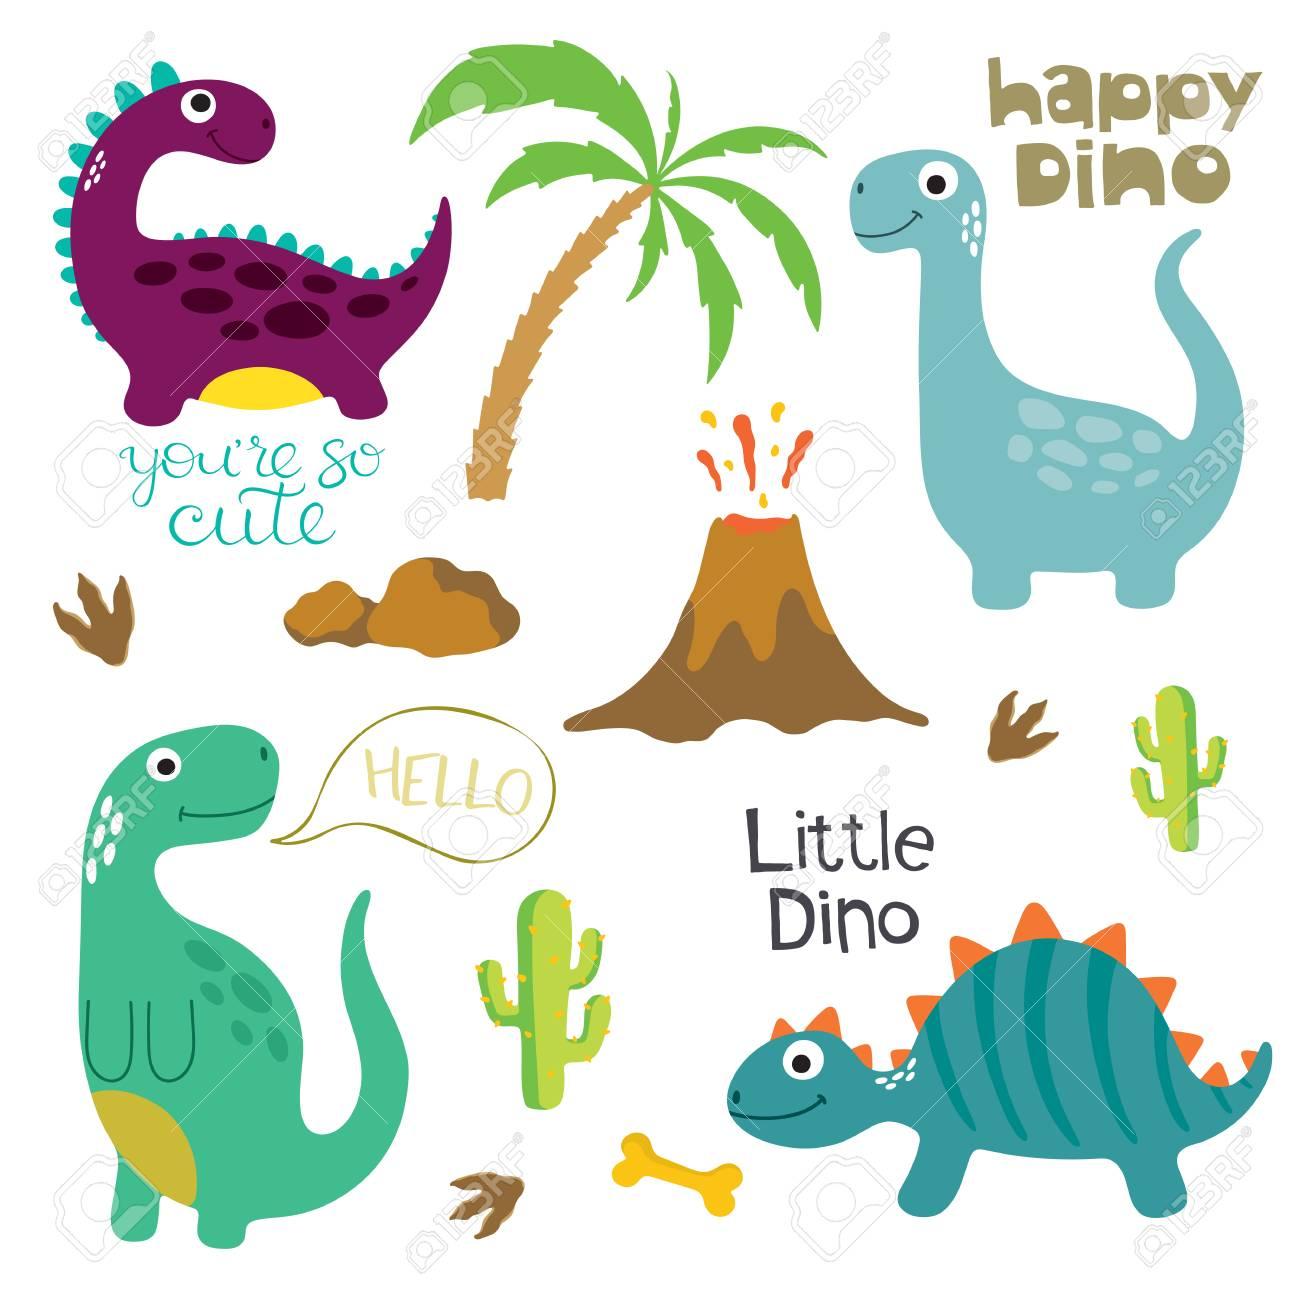 かわいい恐竜のイラストが背景白に設定します。 ロイヤリティフリー